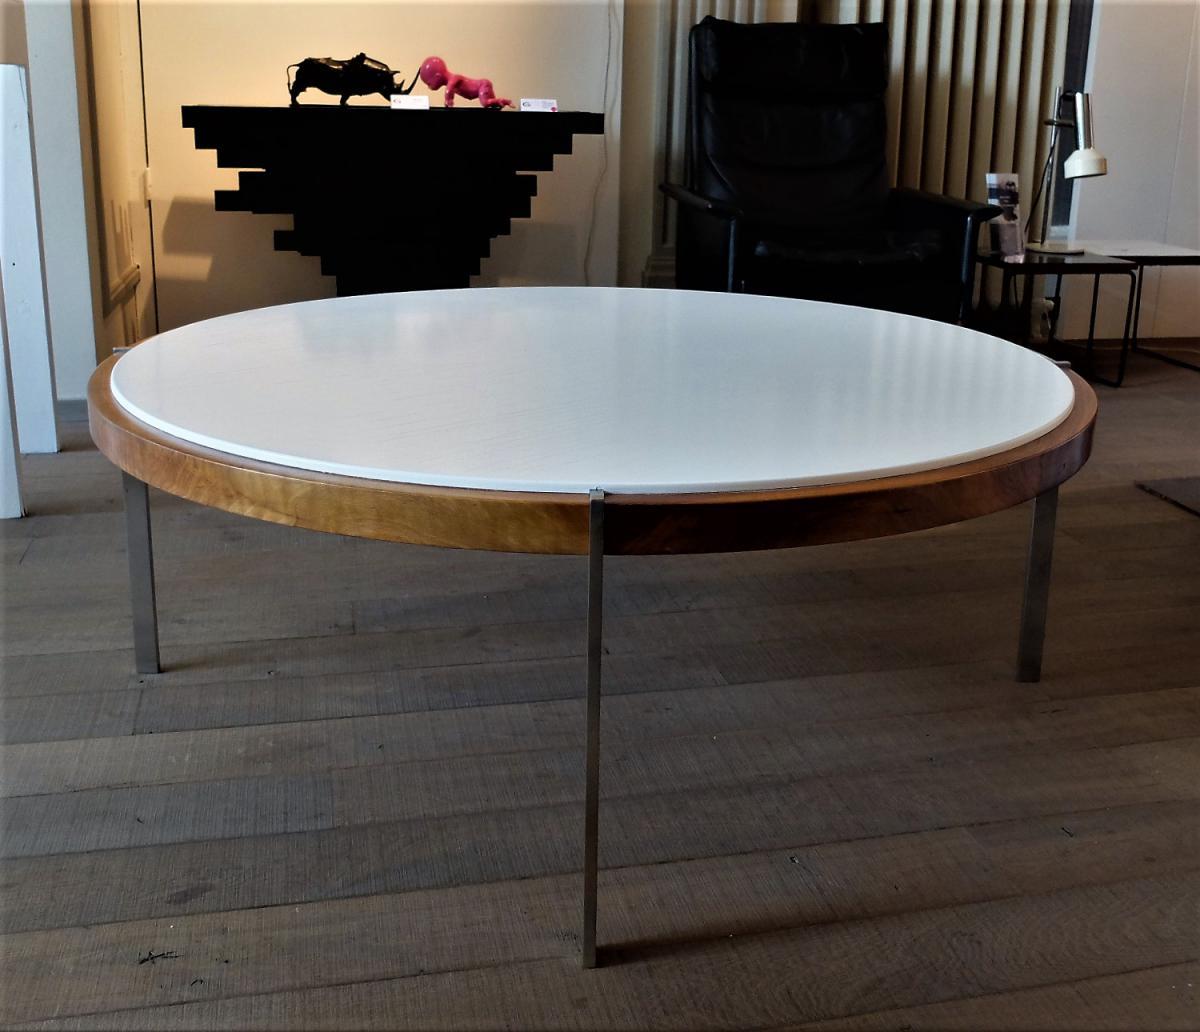 Table Basse Circulaire 1960, Acier Et Bois, style Kjaerholm